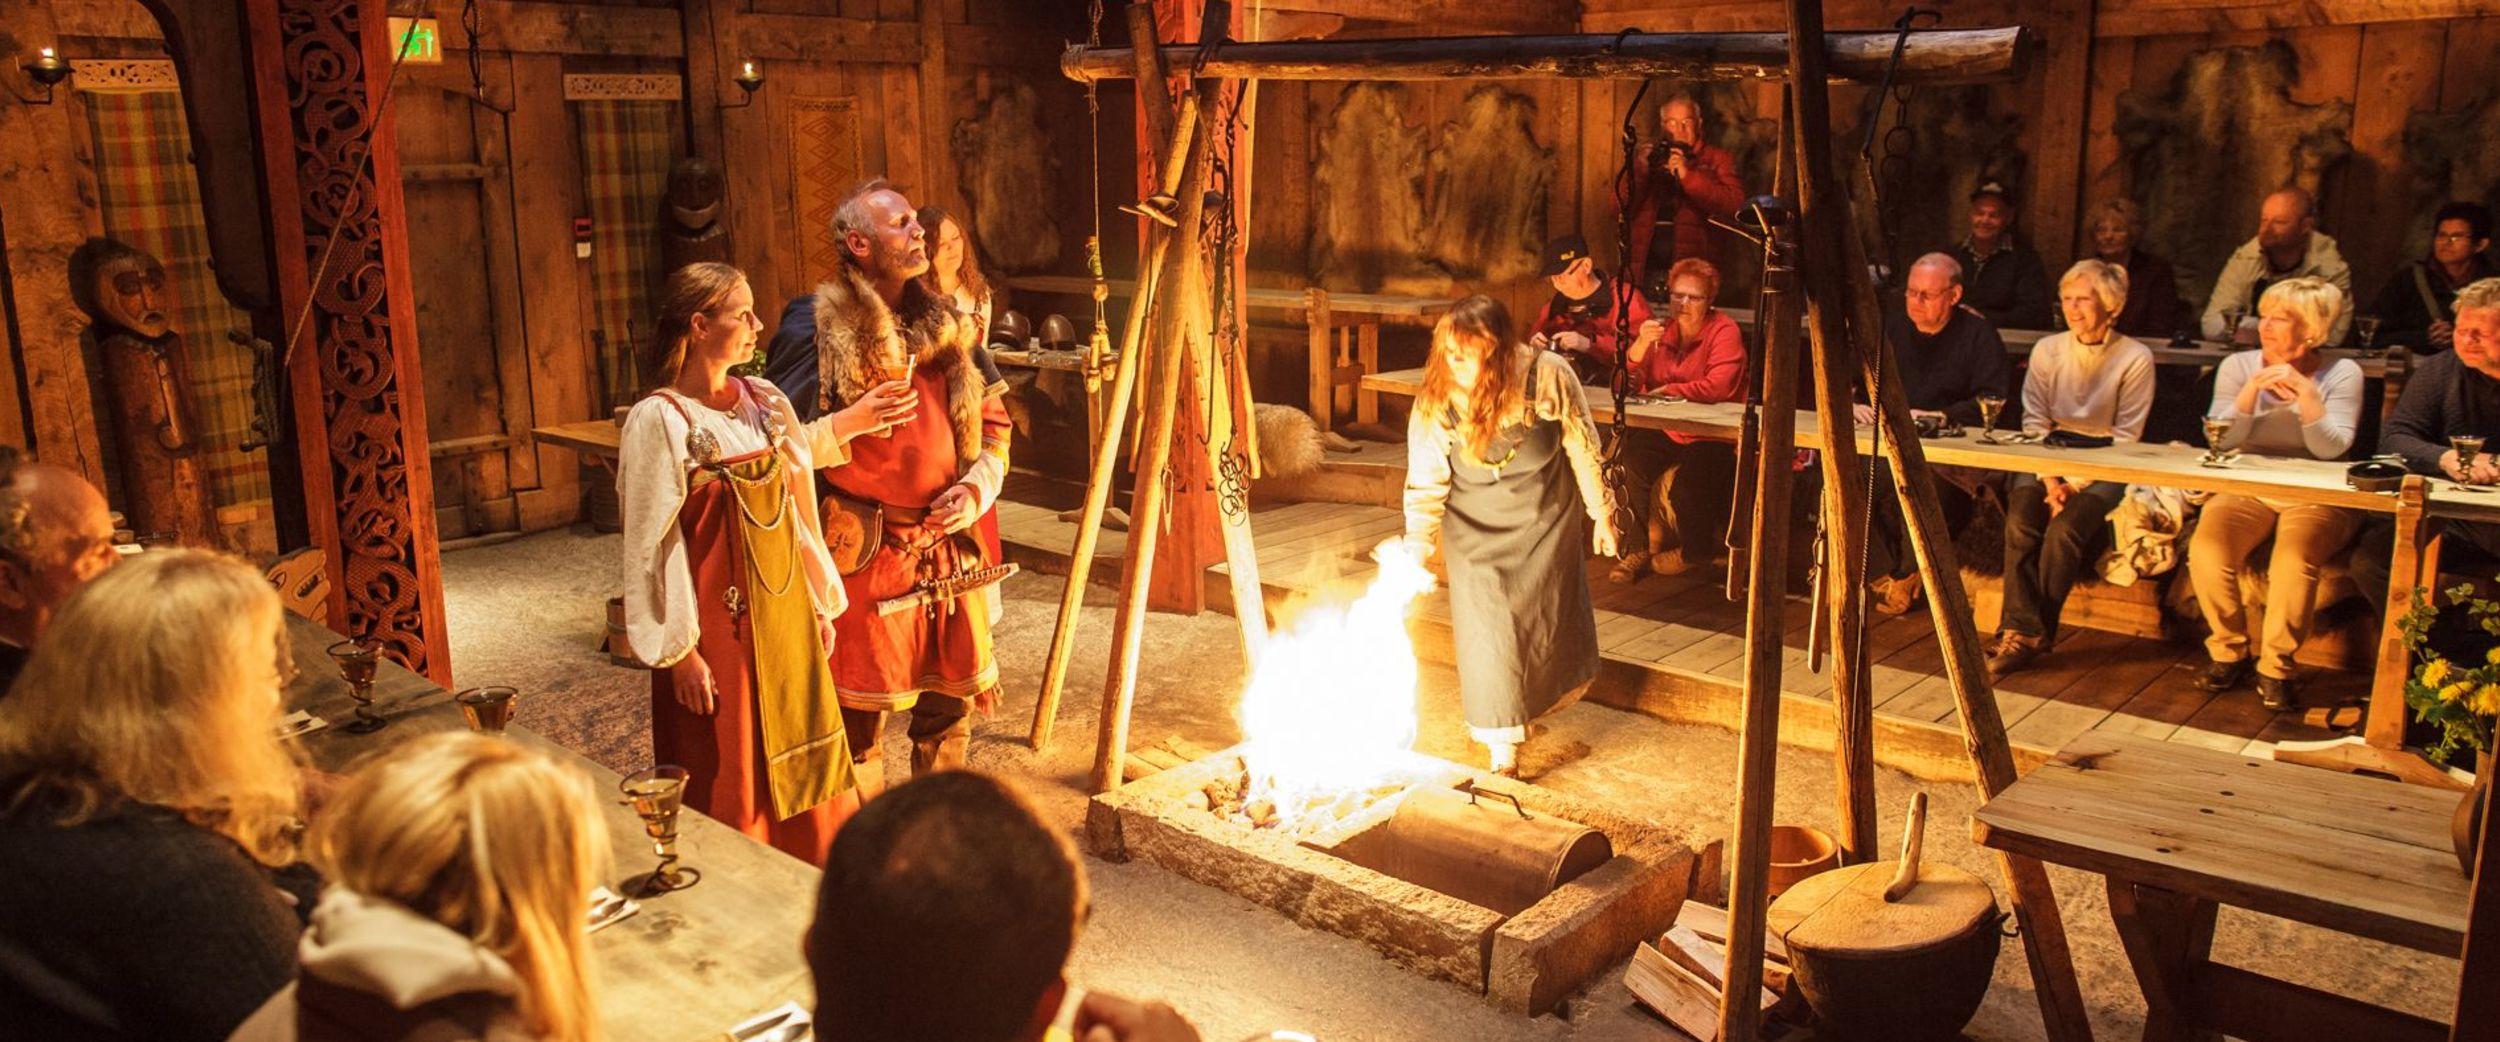 Inne på besøk hos husfrua og vikinghøvdingen på Lofotr vikingmuseum